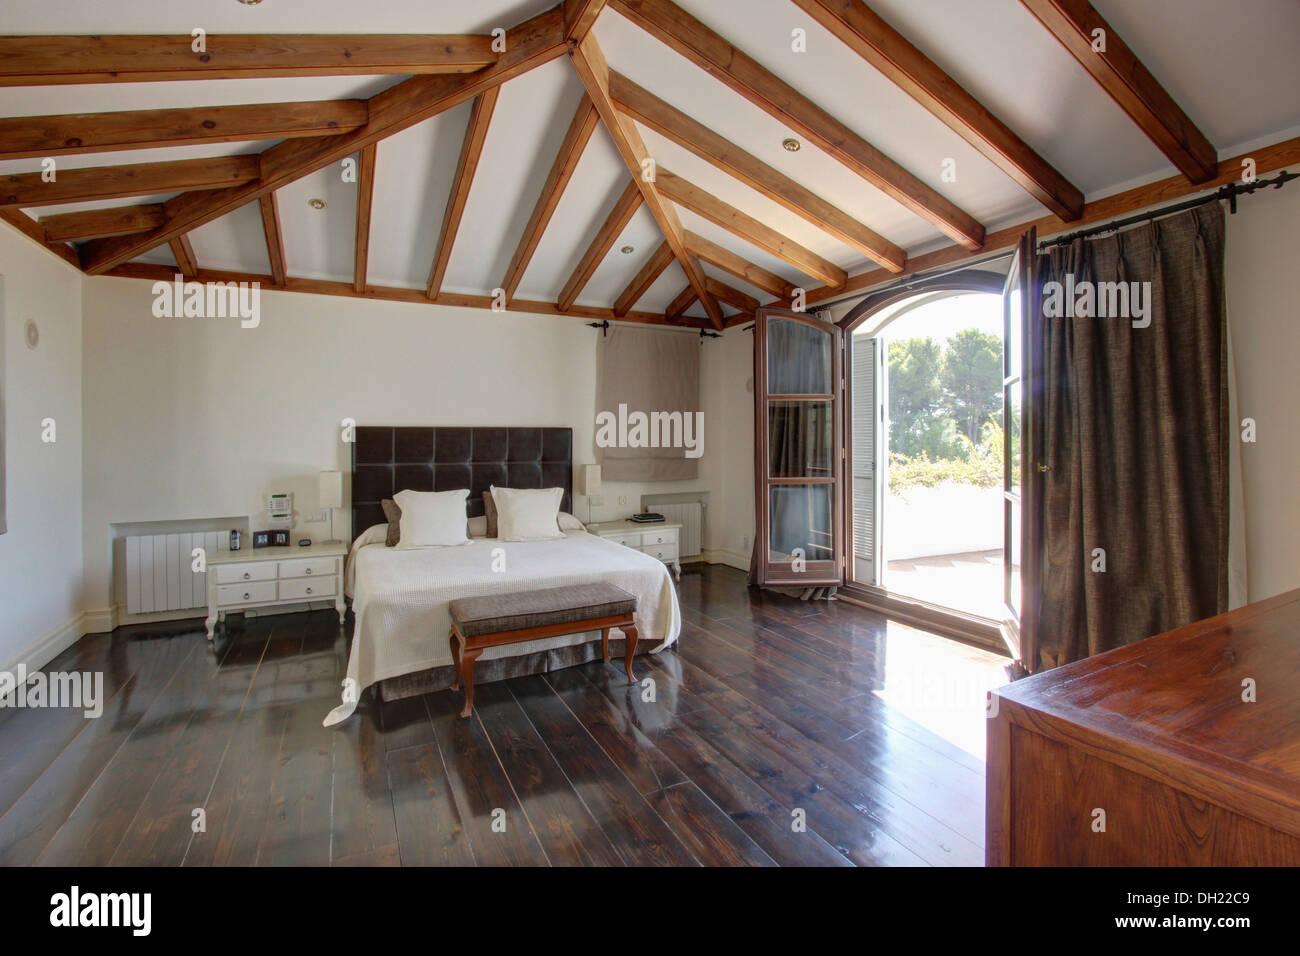 Weisse Bettwasche Auf Polsterbett In Holzbalken Spanischen